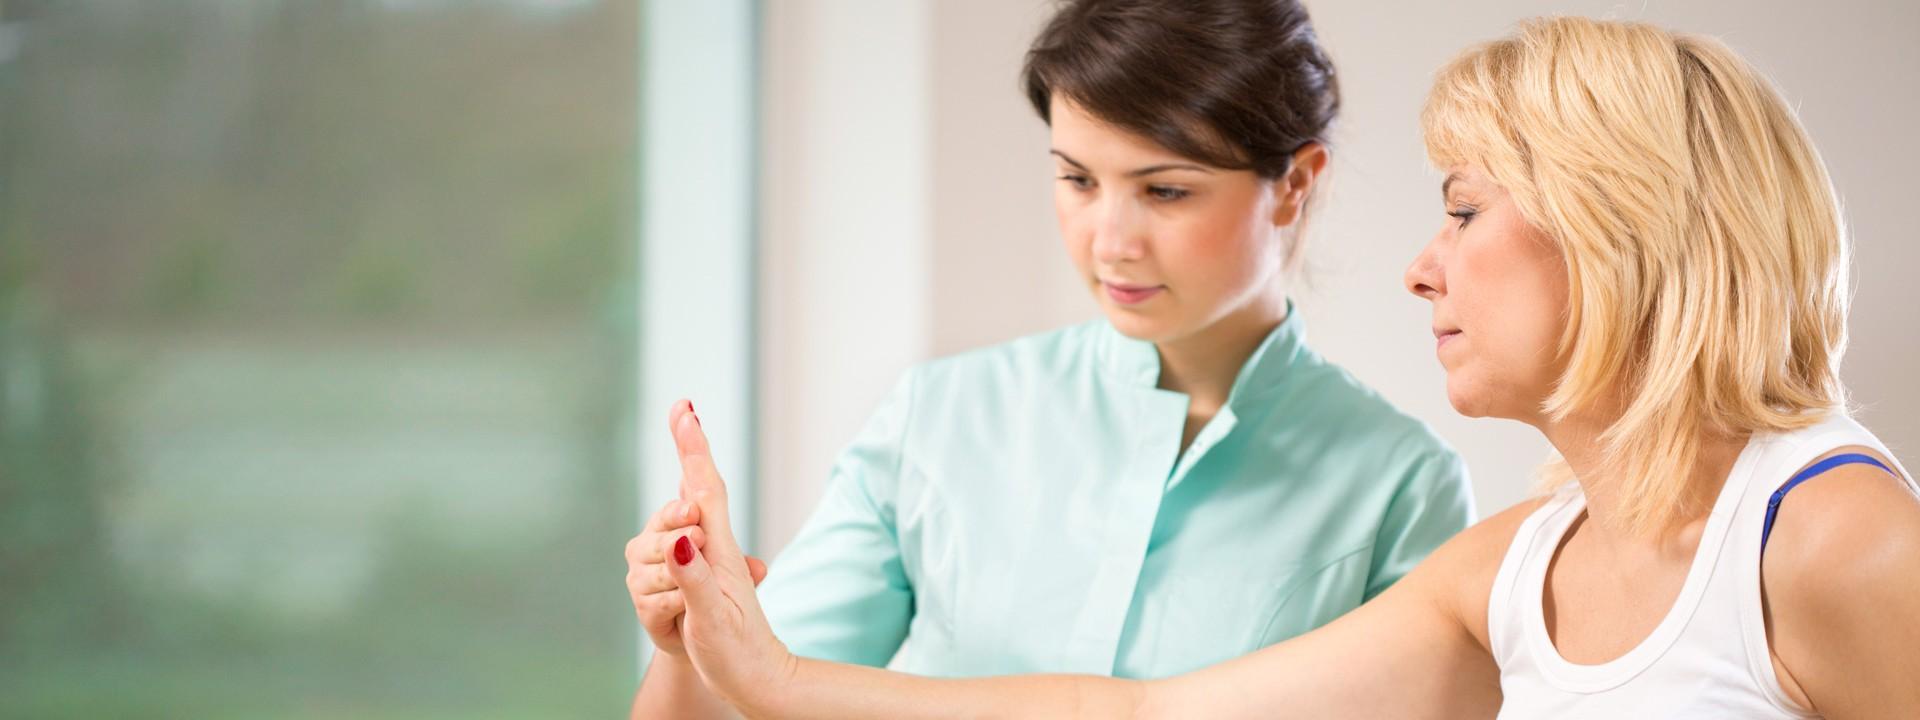 Eine blonde Frau wird von einer brünetten Frau am rechten Arm behandelt.